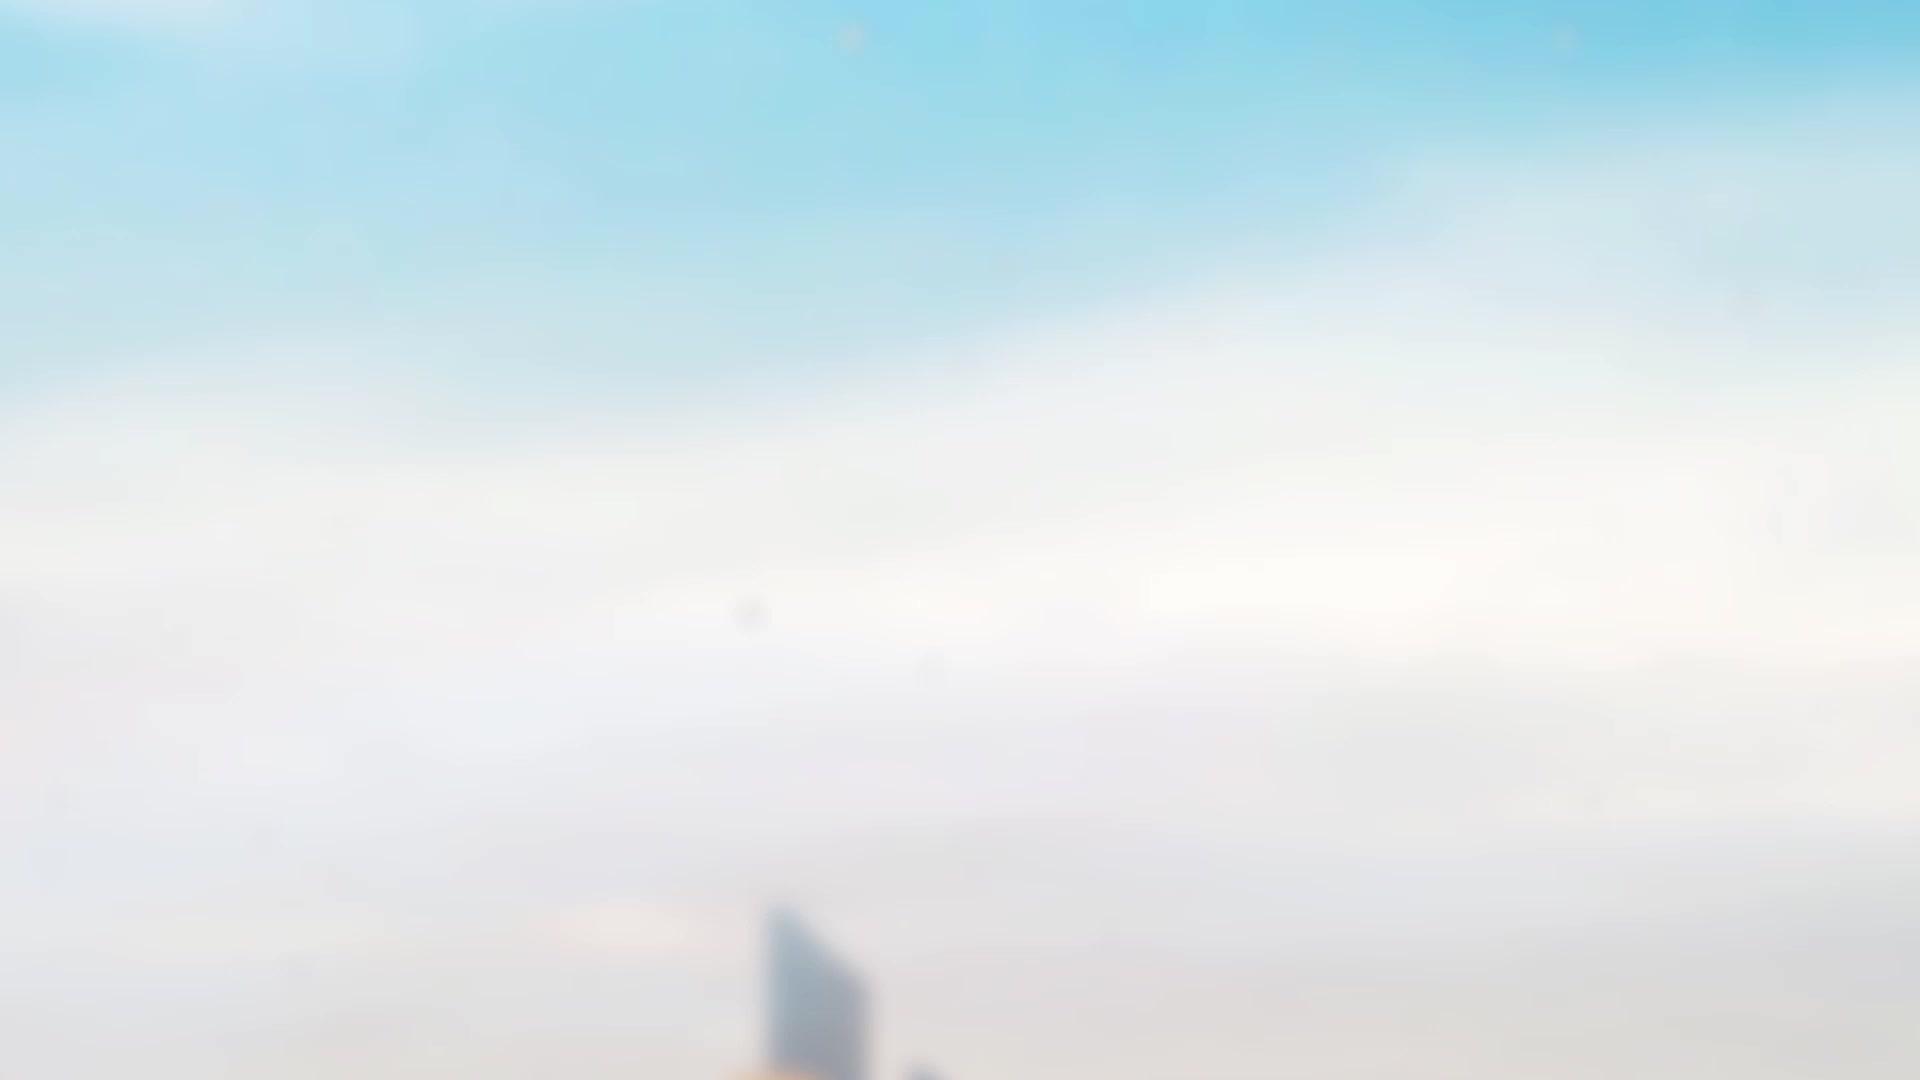 背景 壁纸 风景 气候 气象 天空 桌面 1920_1080